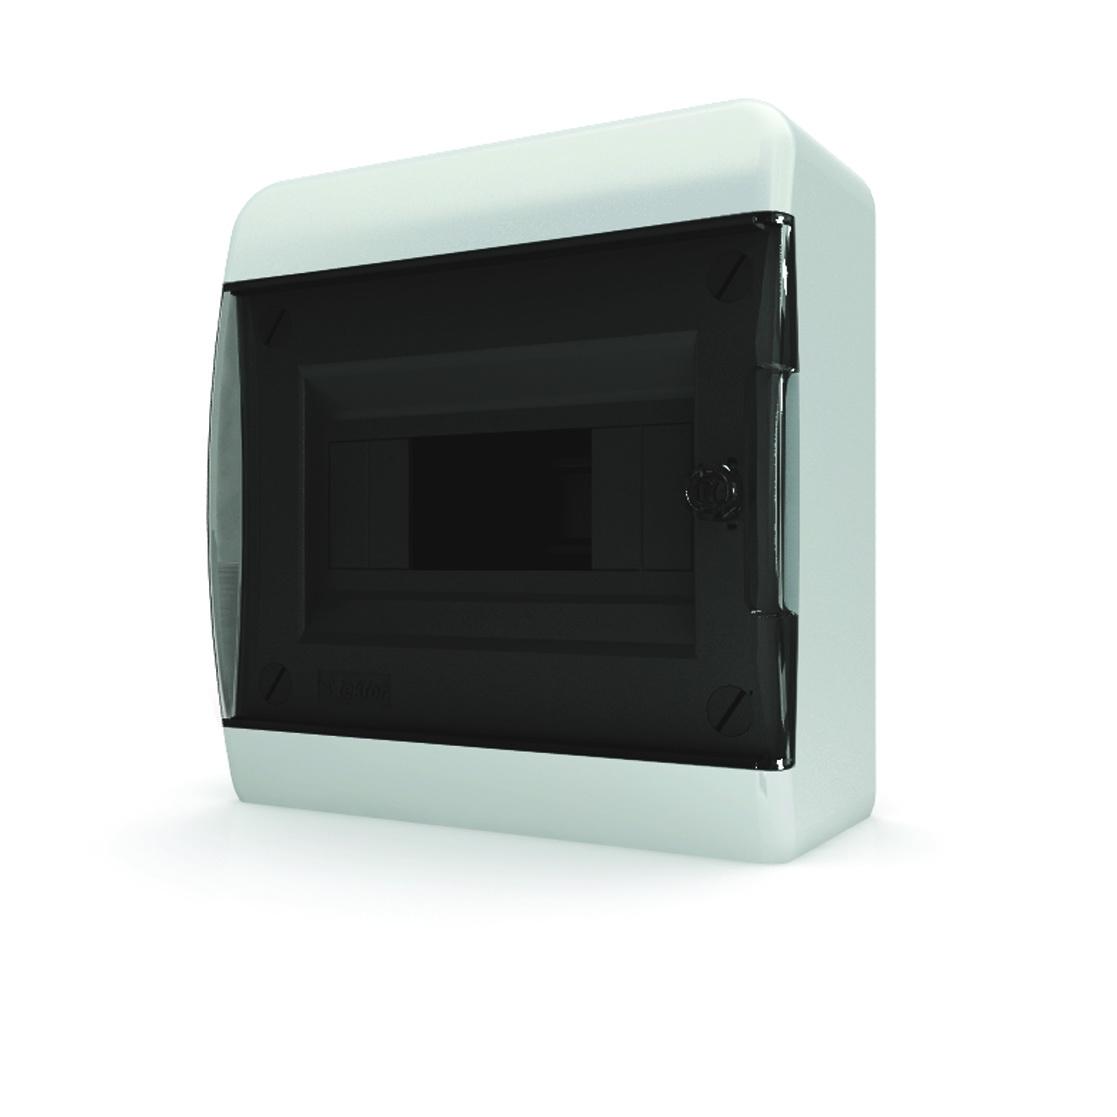 Бокс TekforЩиты электрические, боксы<br>Тип: бокс,<br>Тип установки: навесной,<br>Материал: пластик,<br>Степень защиты от пыли и влаги: IP 40,<br>Использование: в помещении,<br>Высота: 170,<br>Ширина: 218,<br>Глубина: 102.9,<br>Окно: есть,<br>Клеммник: есть,<br>DIN рейка: одна,<br>Количество модулей: 8<br>